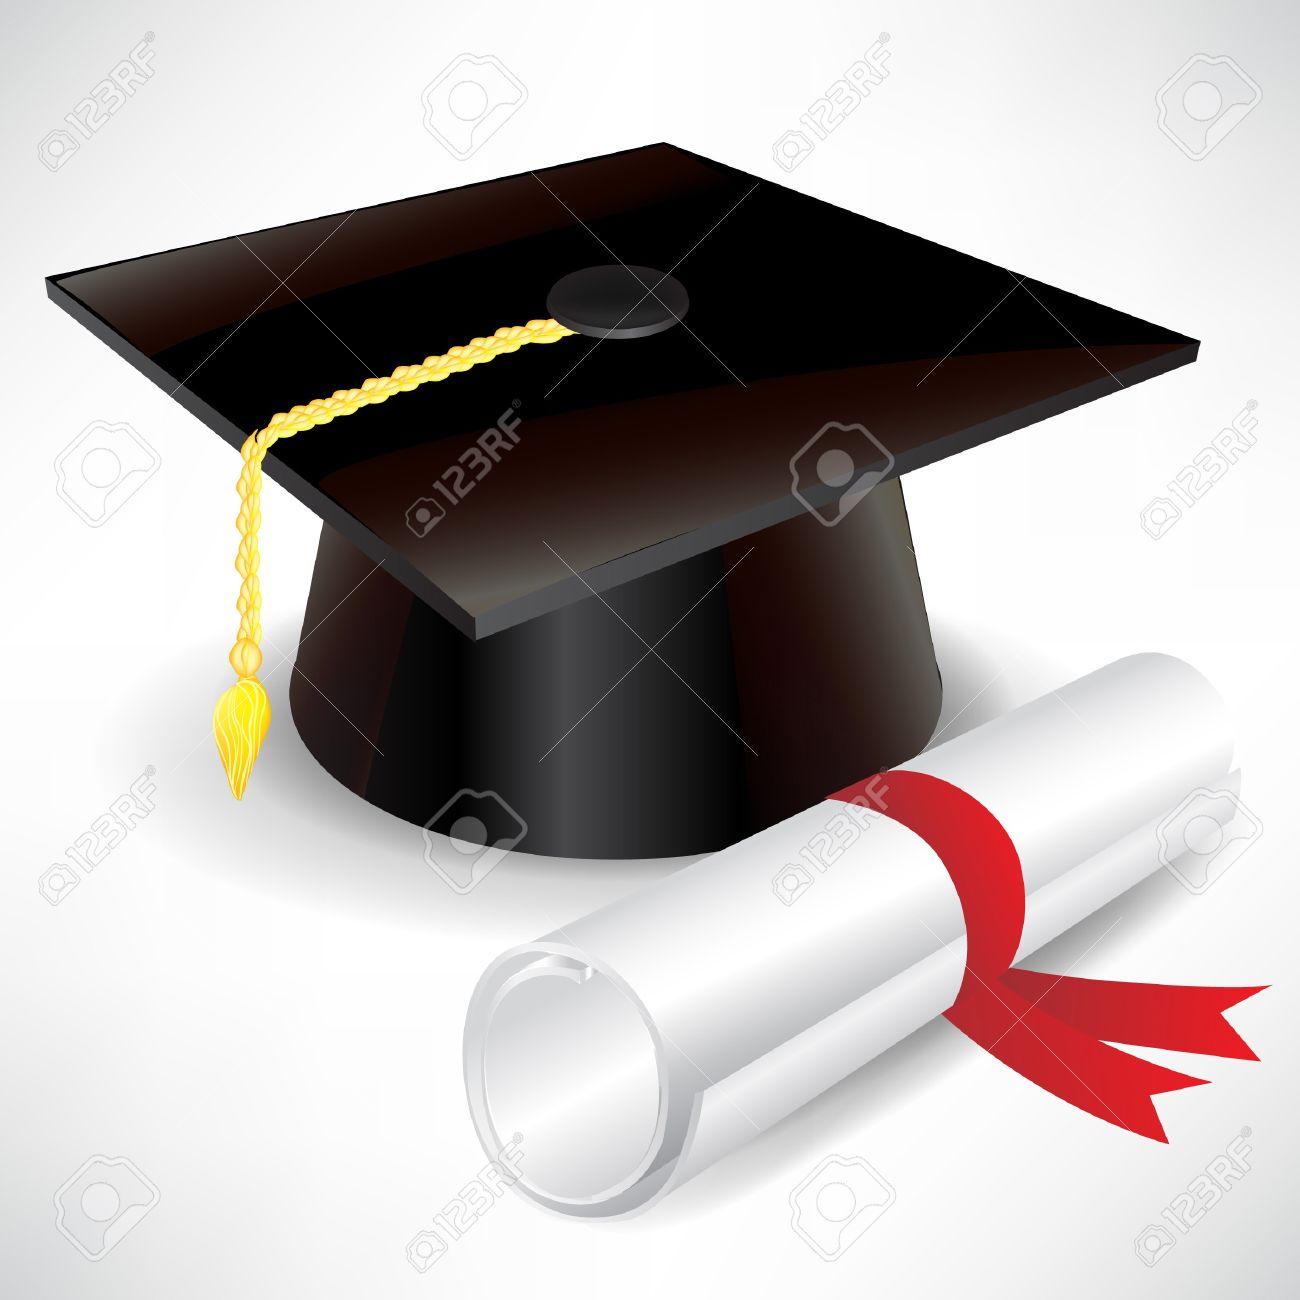 Foto de archivo , gorro de graduación y diploma aislados en blanco